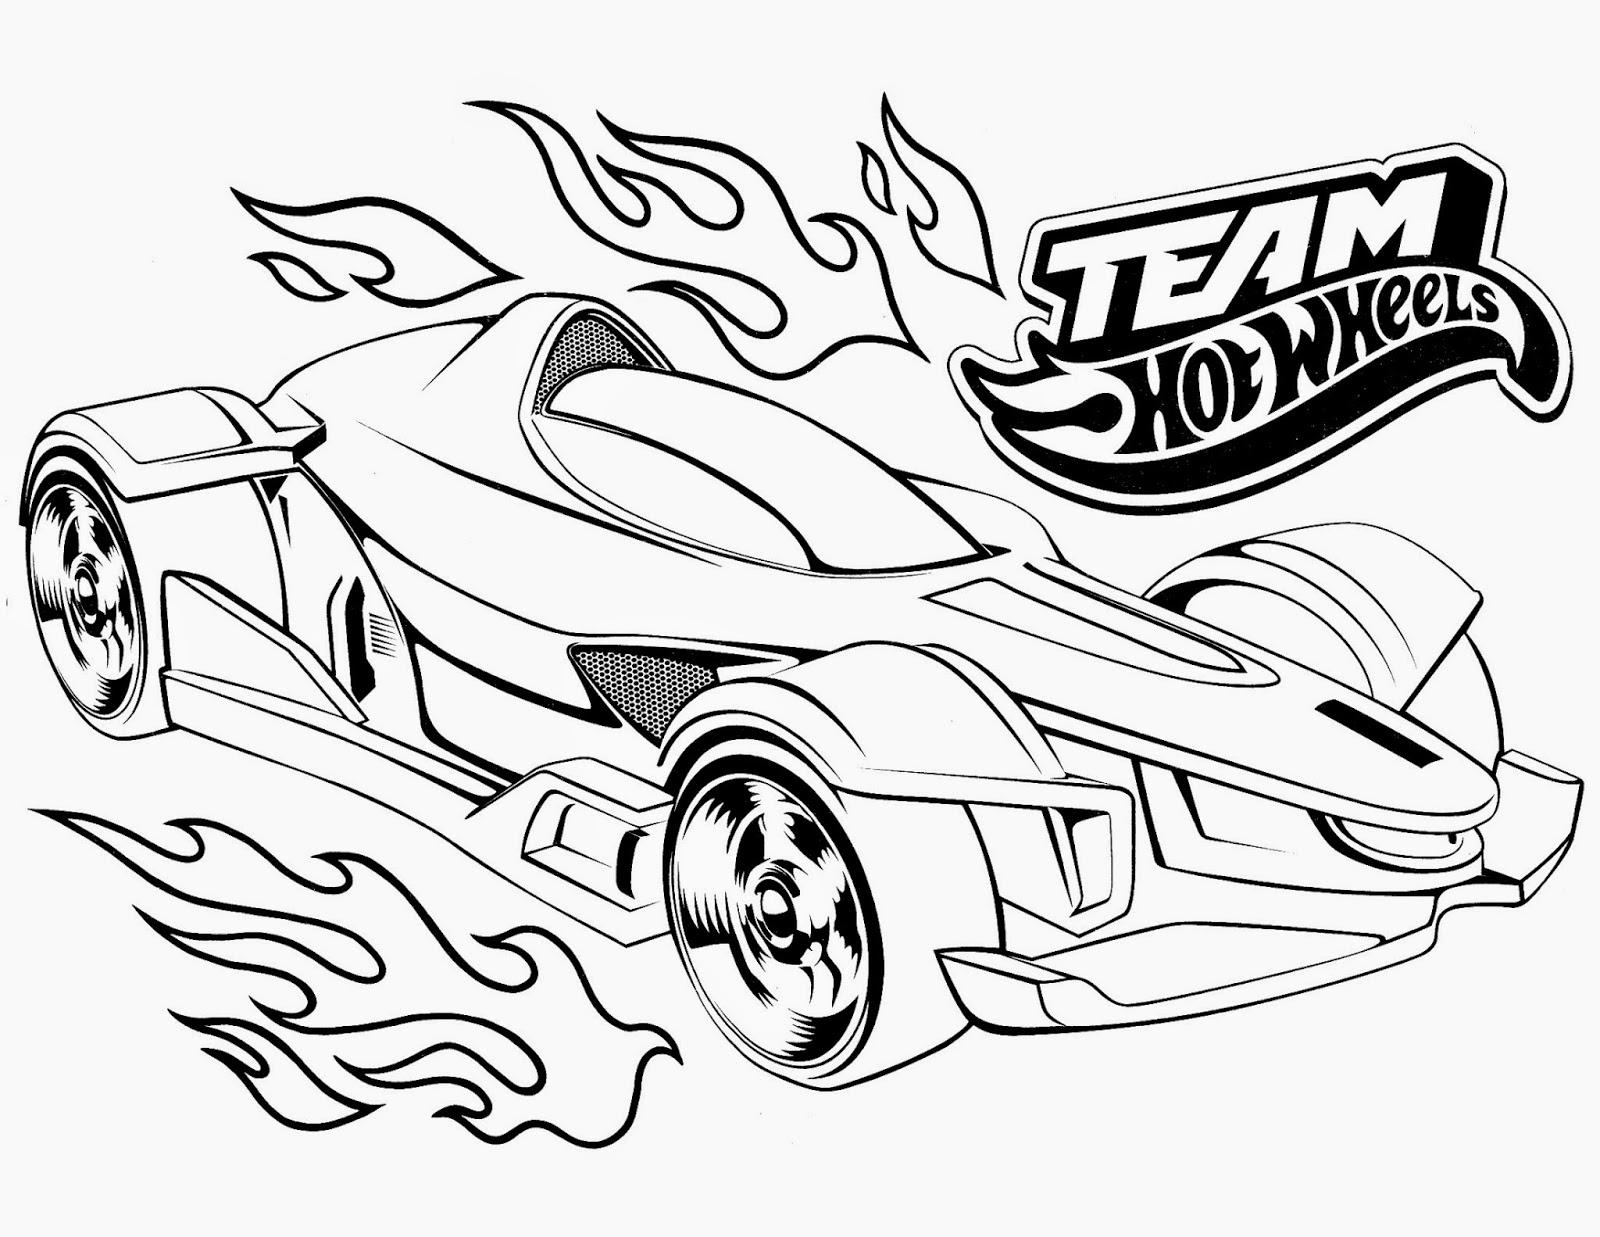 hot wheels coloring sheets hot wheels racing league hot wheels coloring pages set 5 sheets hot wheels coloring